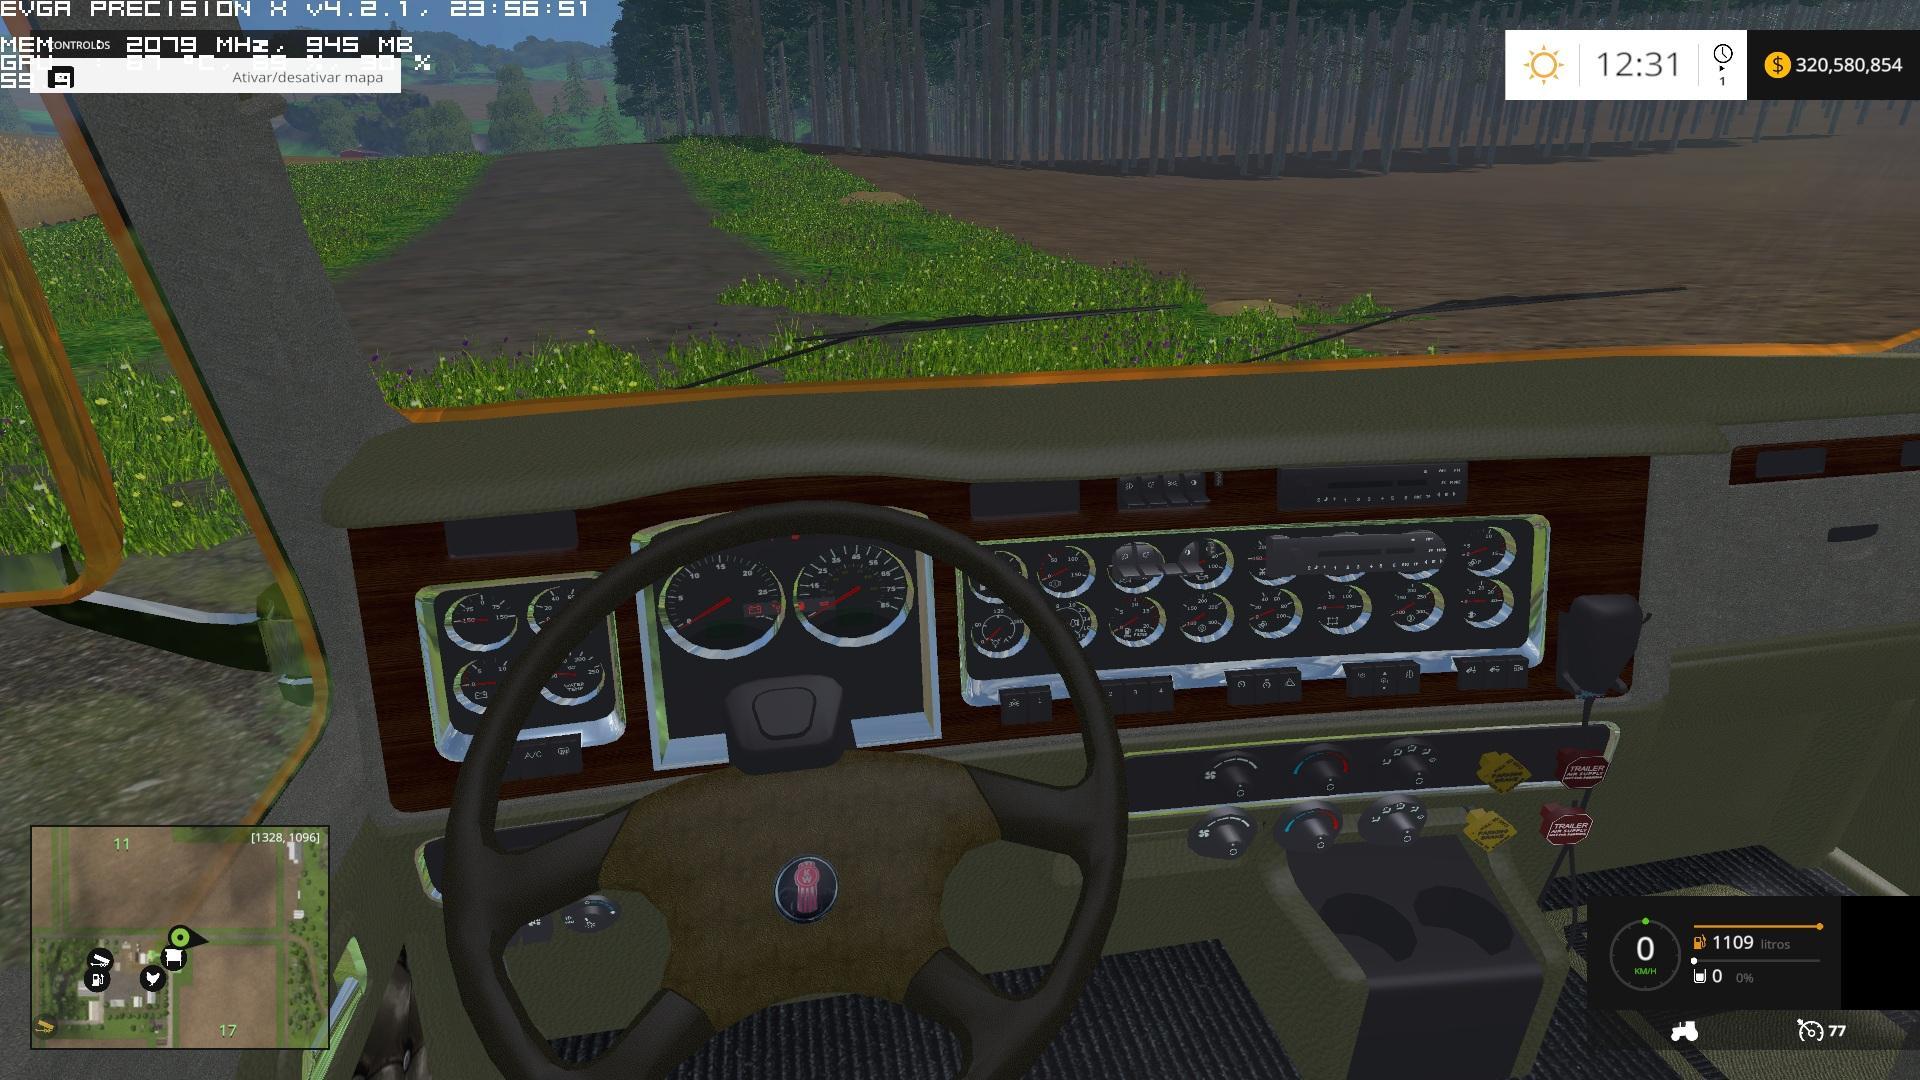 CAT KT2000 Truck V1 0 - Farming simulator 2019 / 2017 / 2015 Mod